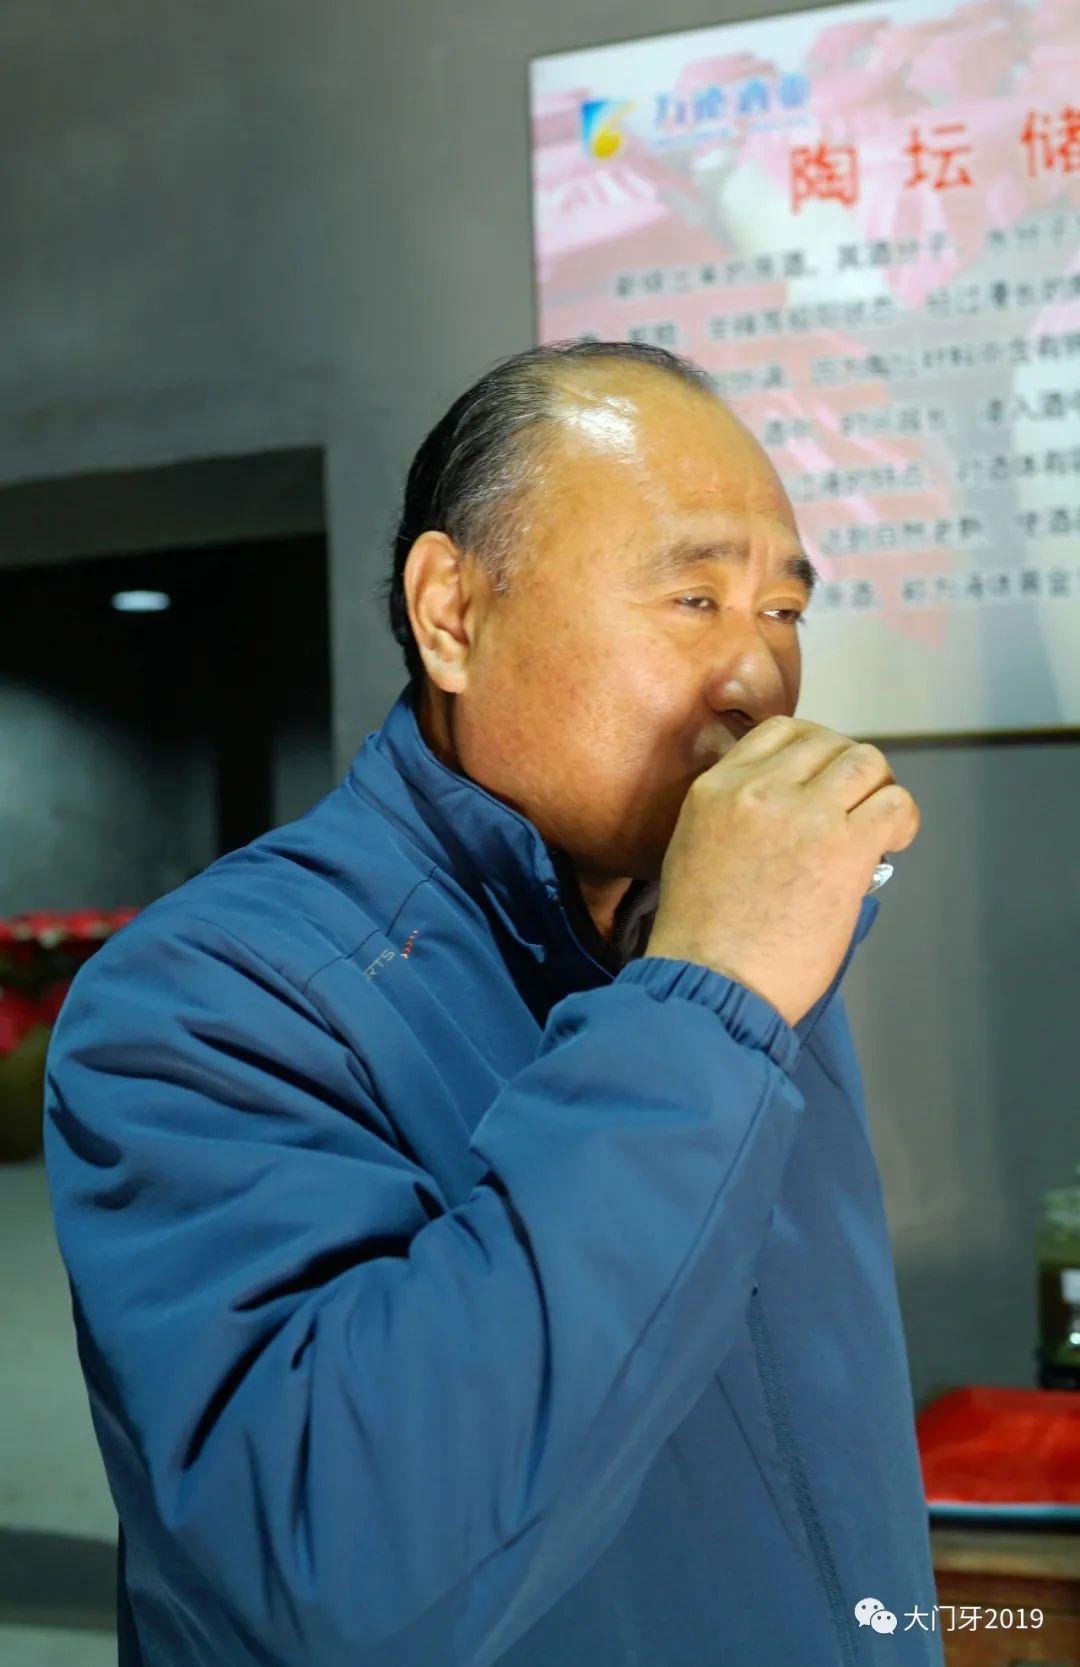 滨州传媒集团编辑记者走进花园食品、万德酒业共同欢度第21个记者节